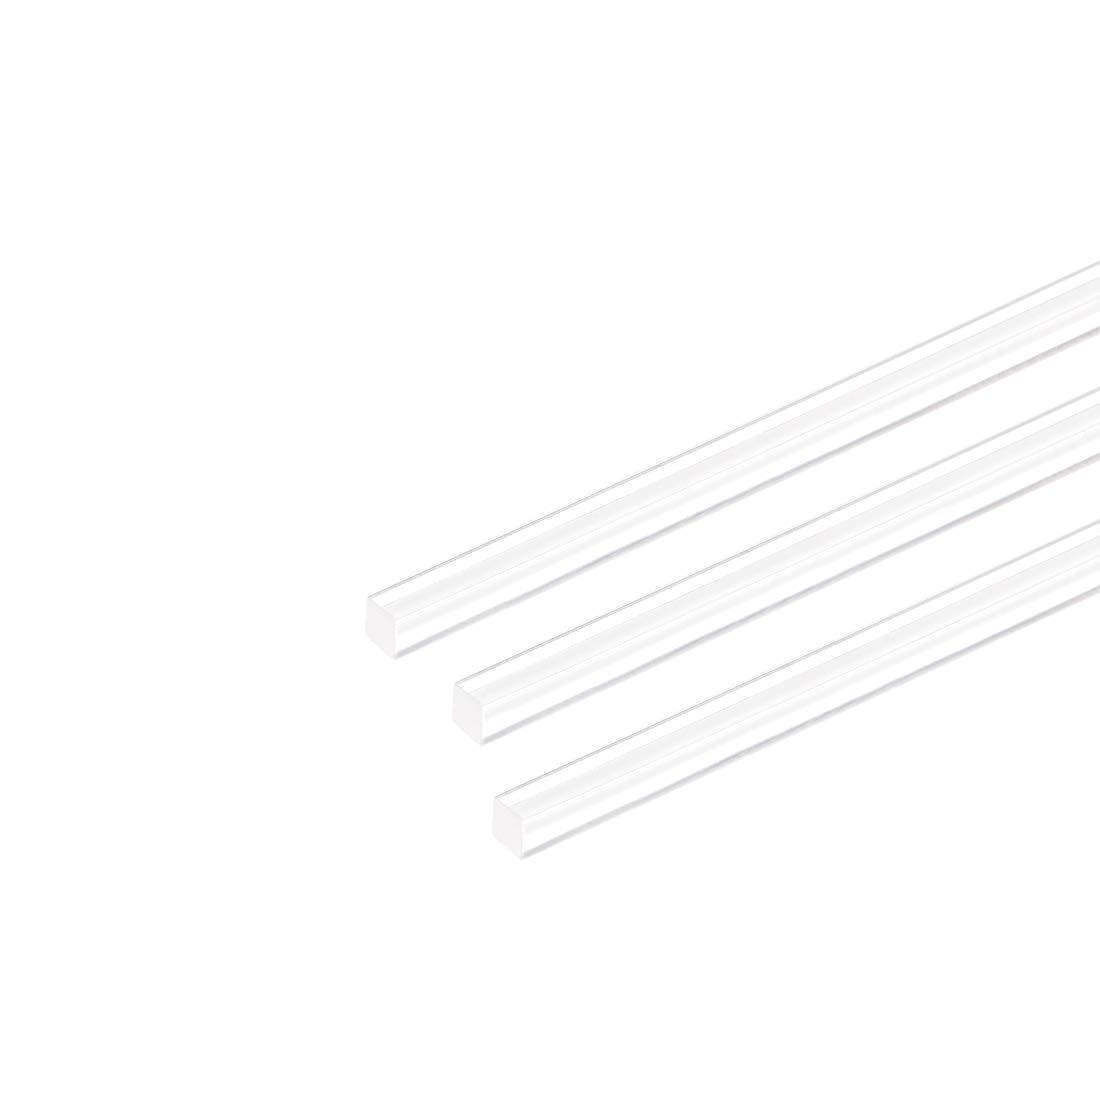 3mm 5pcs Sourcing Map Tige en plexiglas acrylique carr/ée Transparent 25,4 cm